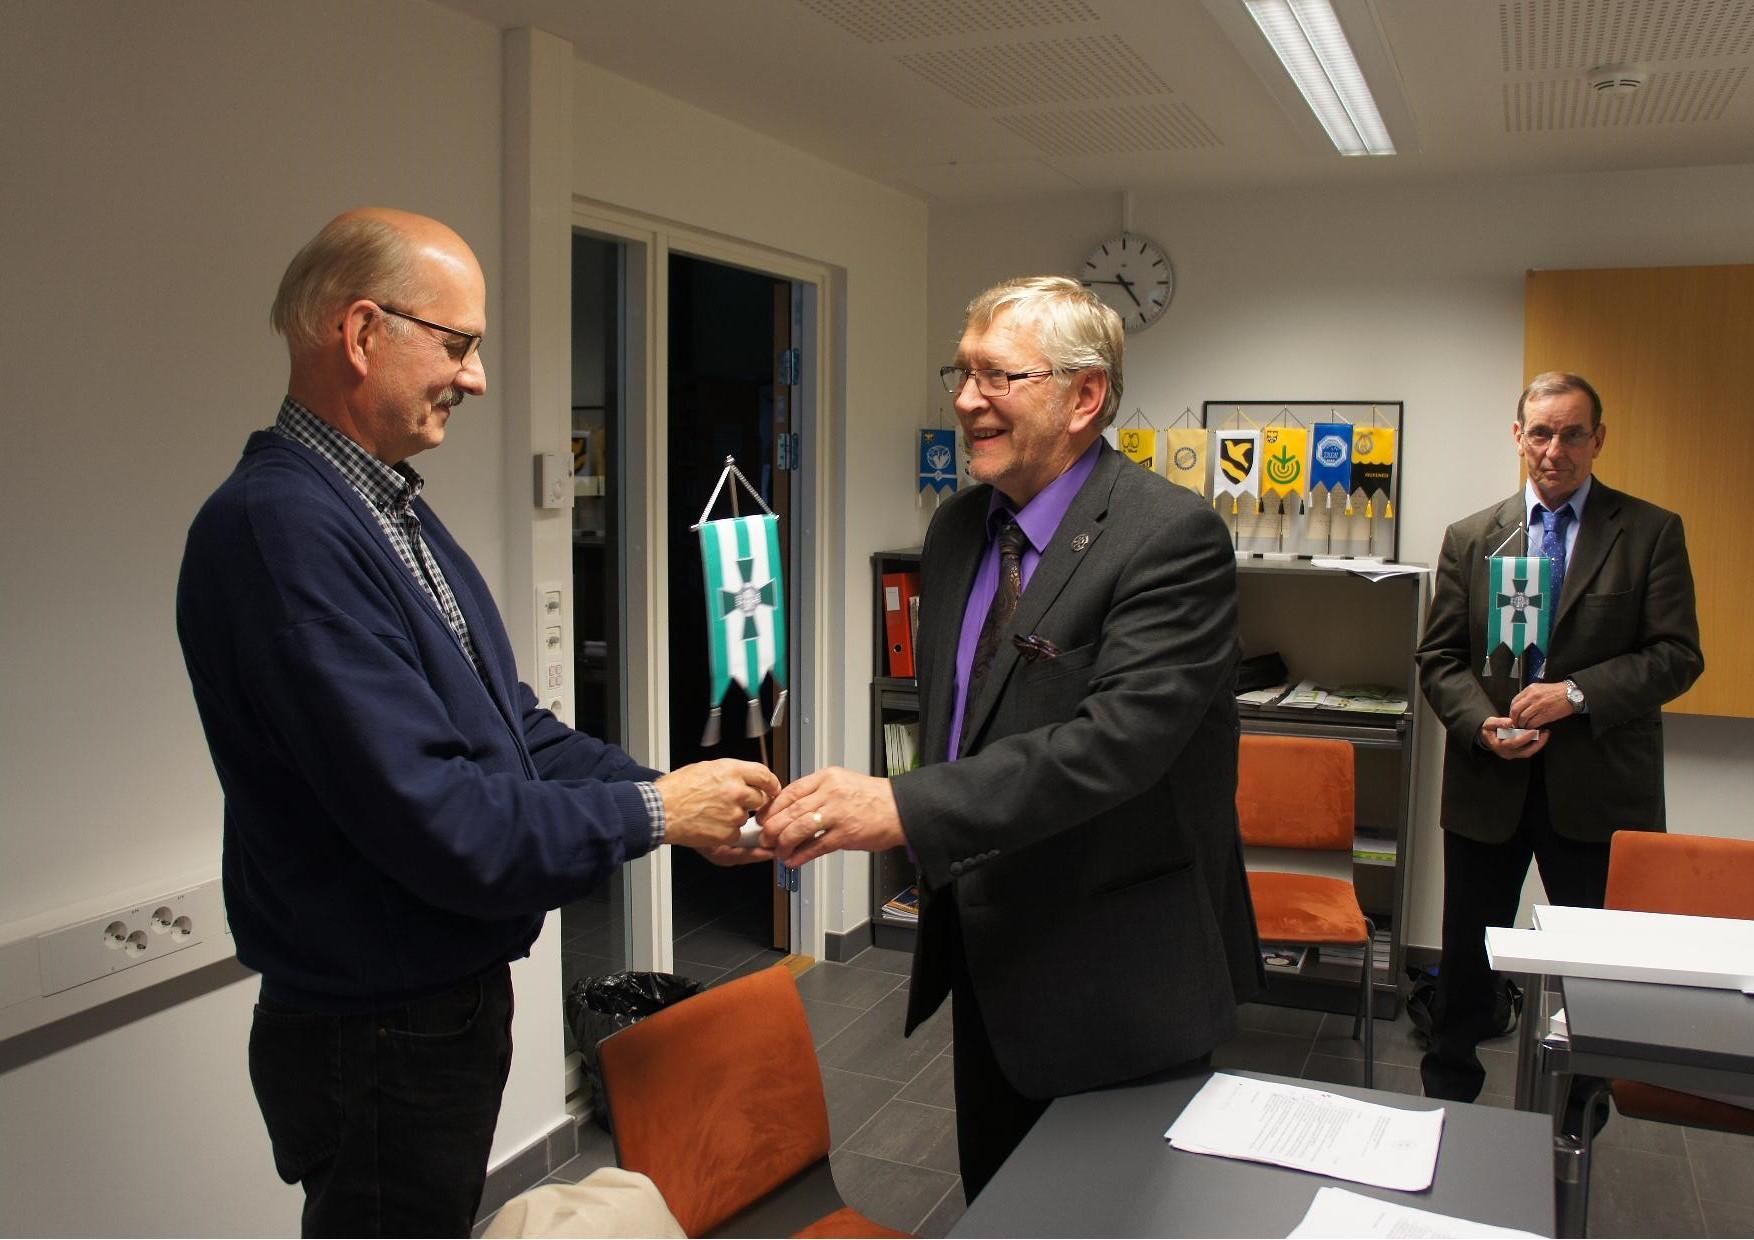 Hallituksen jäsenenä vuosina 2012-2014 toiminelle Pentti Kärkkäiselle luovutettiin yhdistyksen standaari.